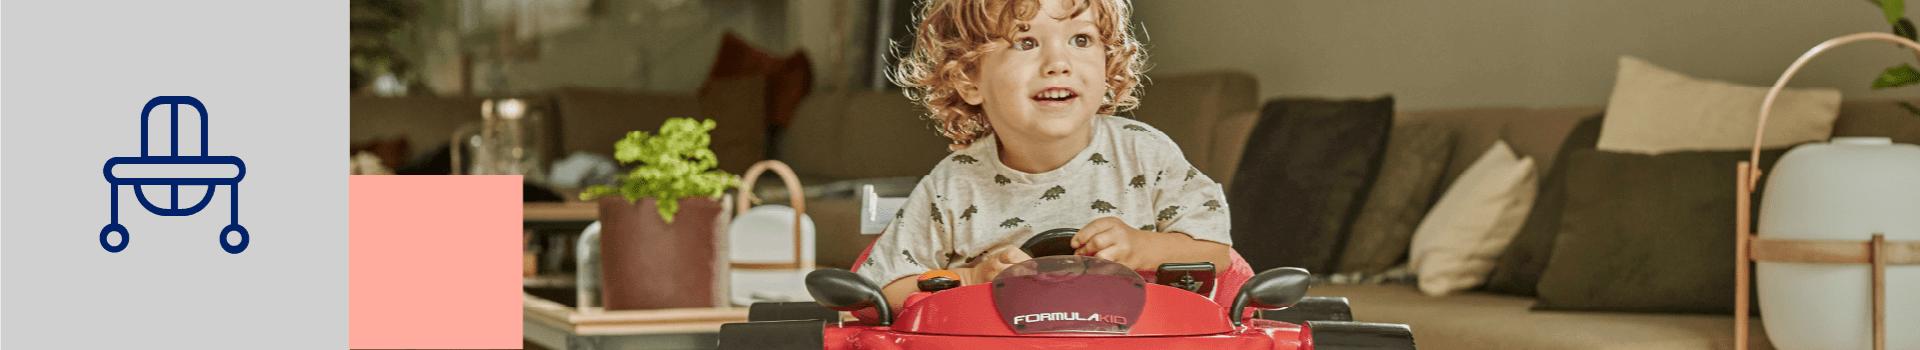 Girelli Jané e accessori per i primi passi del bambino | Janéworld